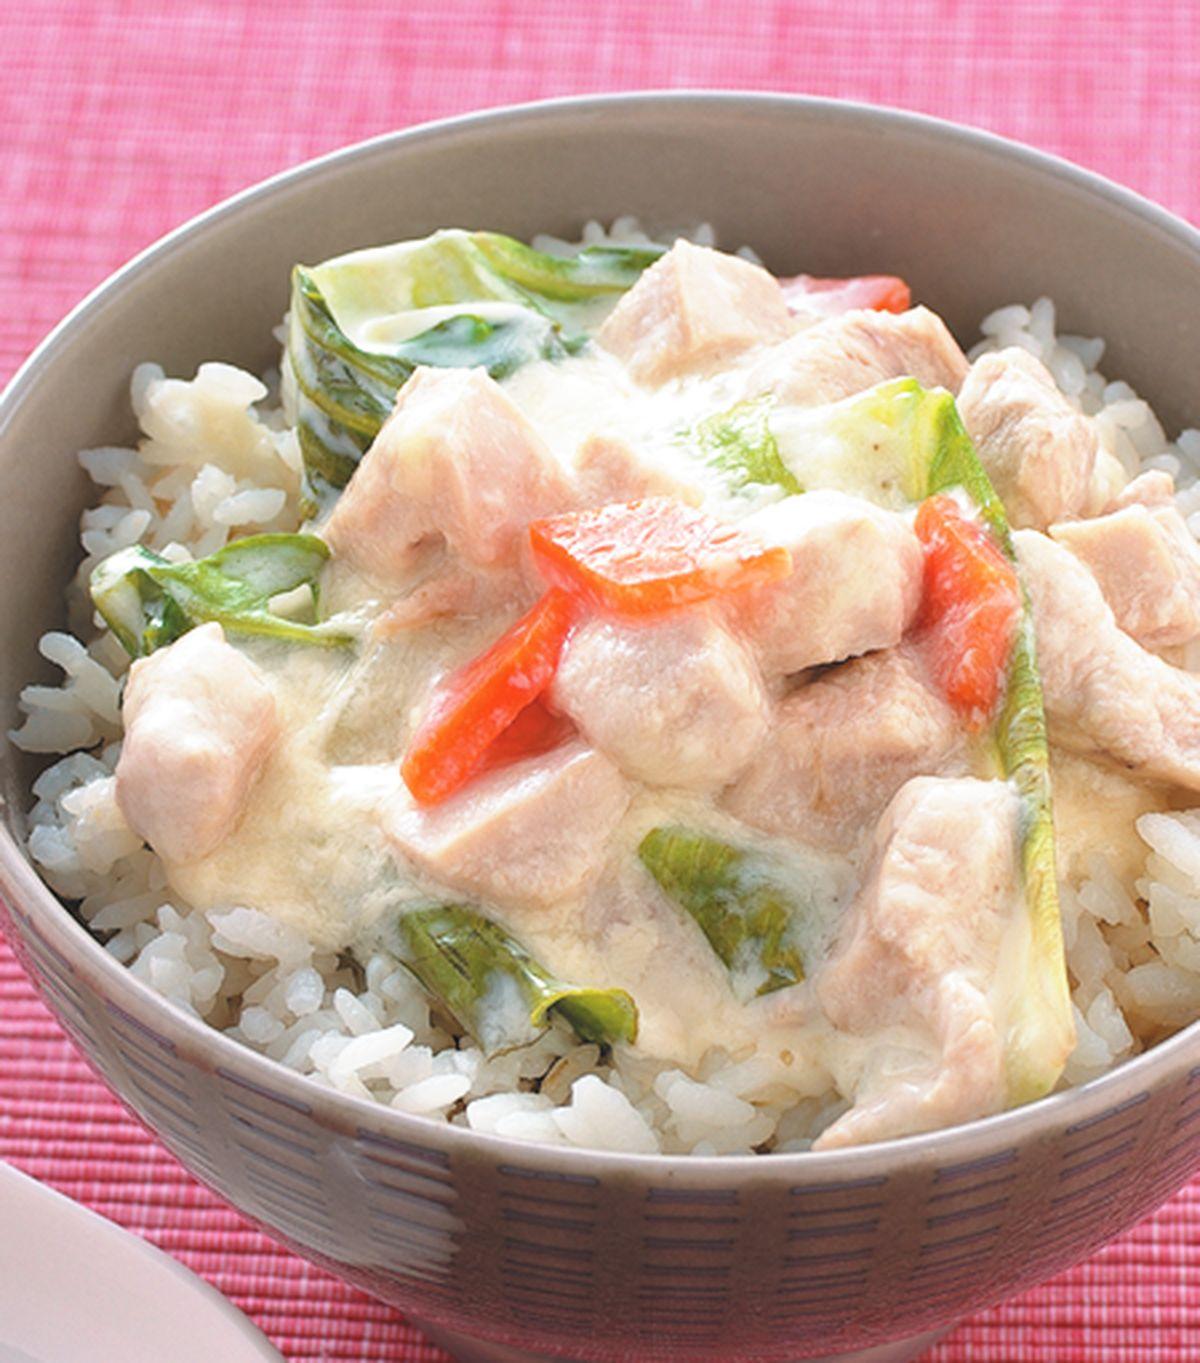 食譜:椰汁雞肉蓋飯